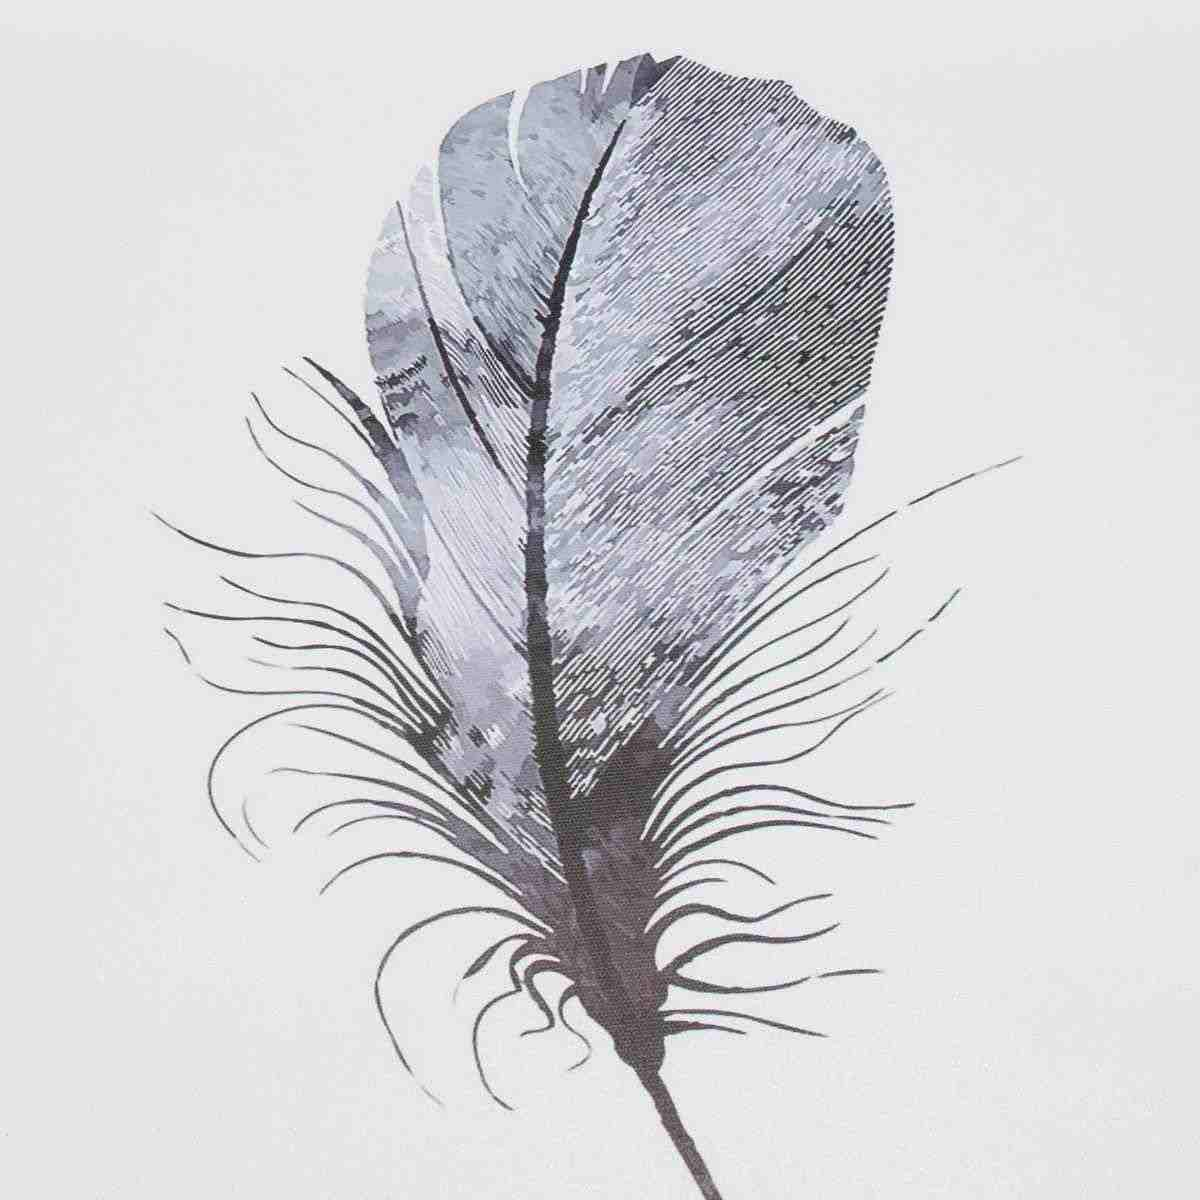 40x50 см, современный скандинавский минималистичный абстрактный холст для рисования, Безрамная краска с оленьими перьями, плакат для дома, Настенная картина, Декор